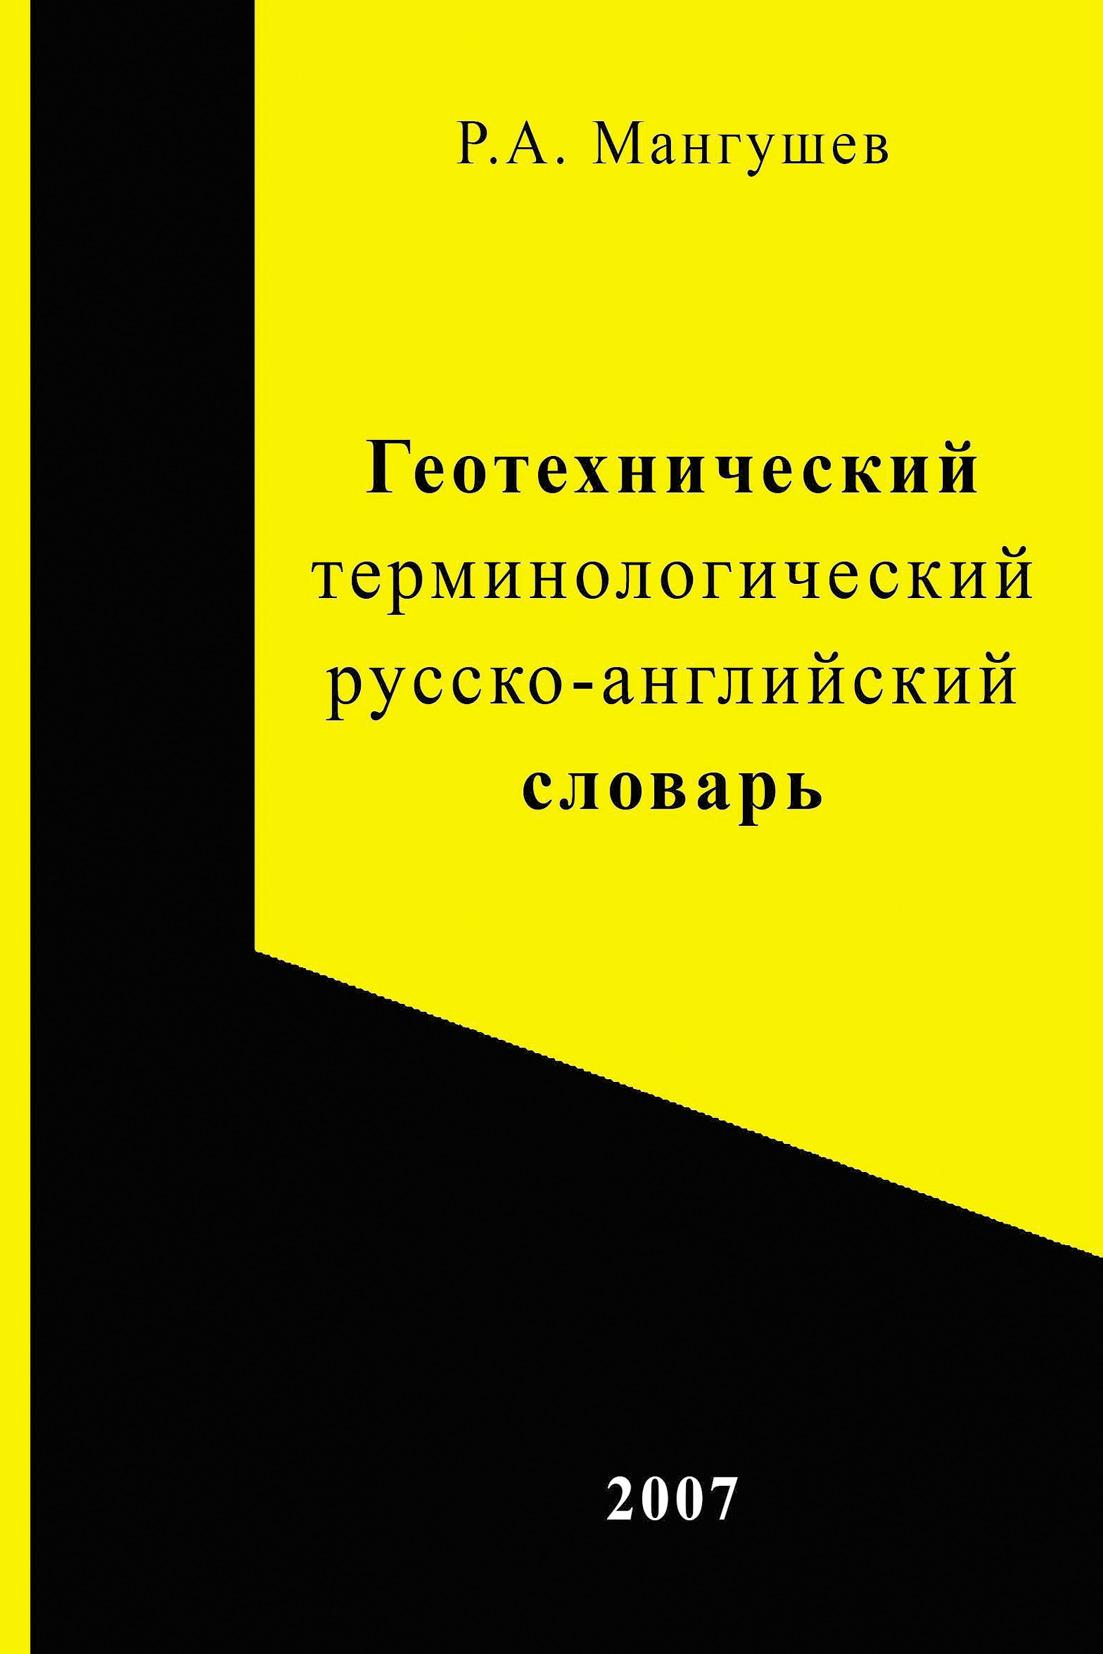 Р. А. Мангушев Геотехнический терминологический русско-английский словарь